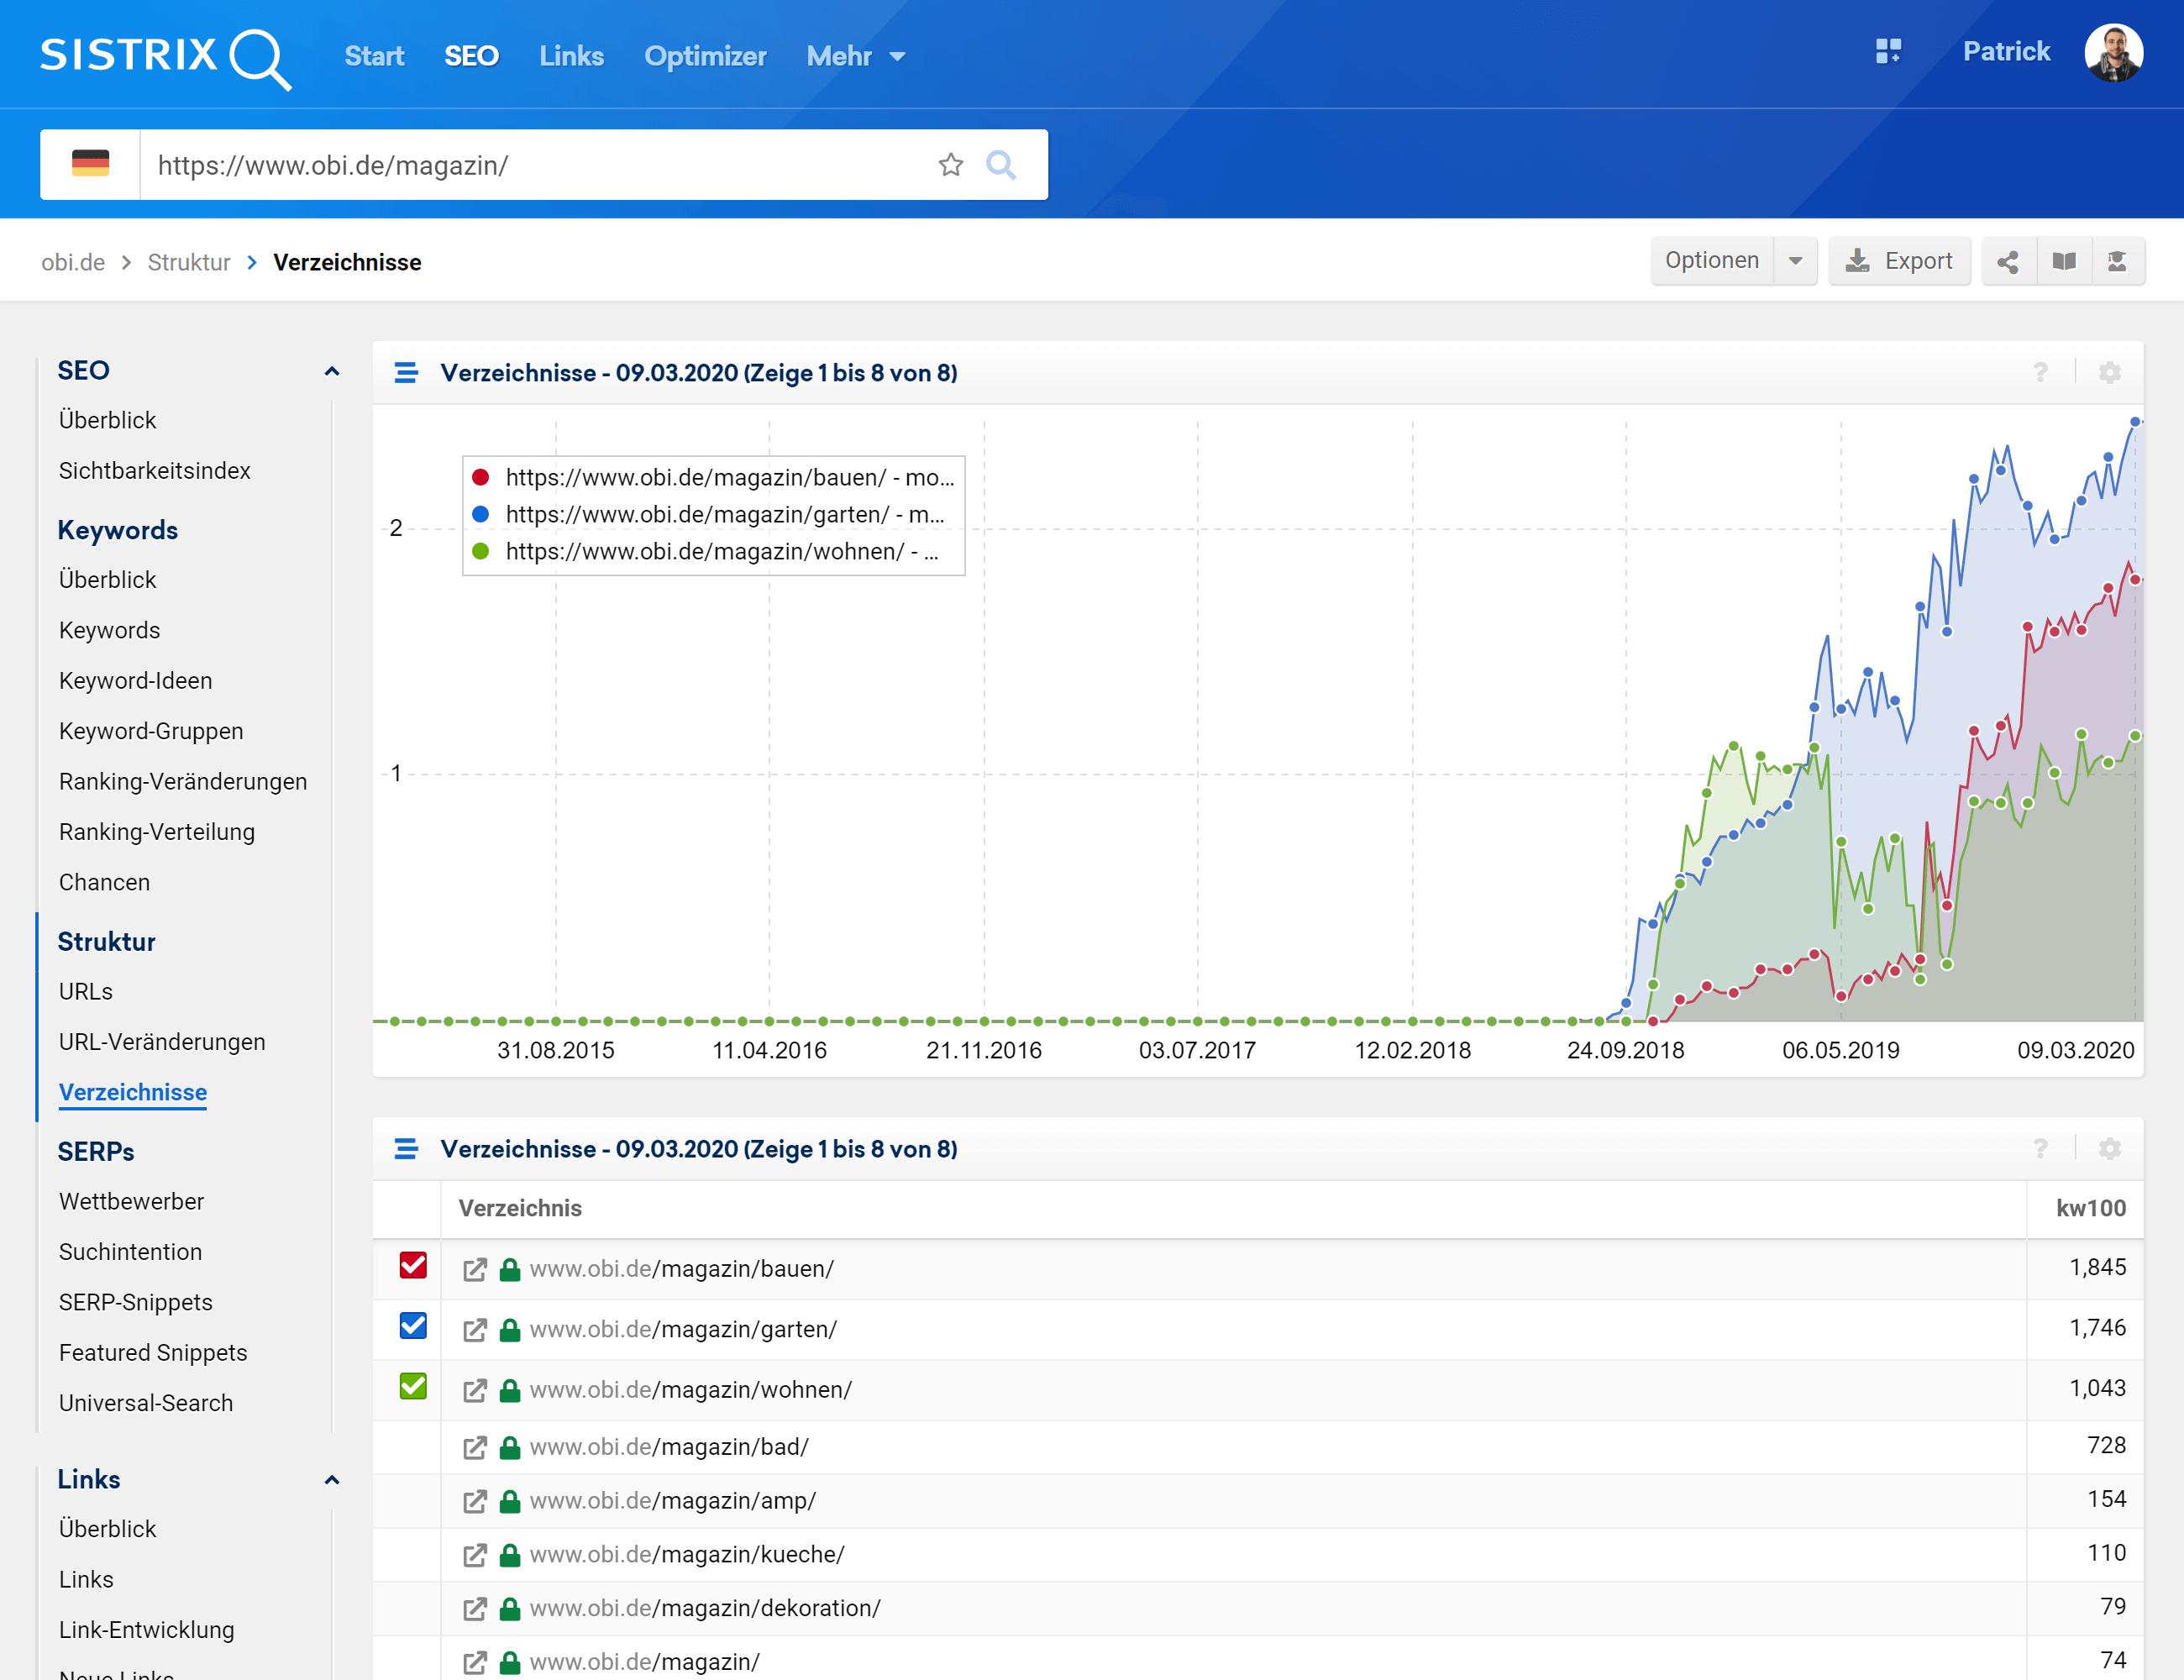 Vergleiche Verzeichnisse einer Domain in der SISTRIX Toolbox.